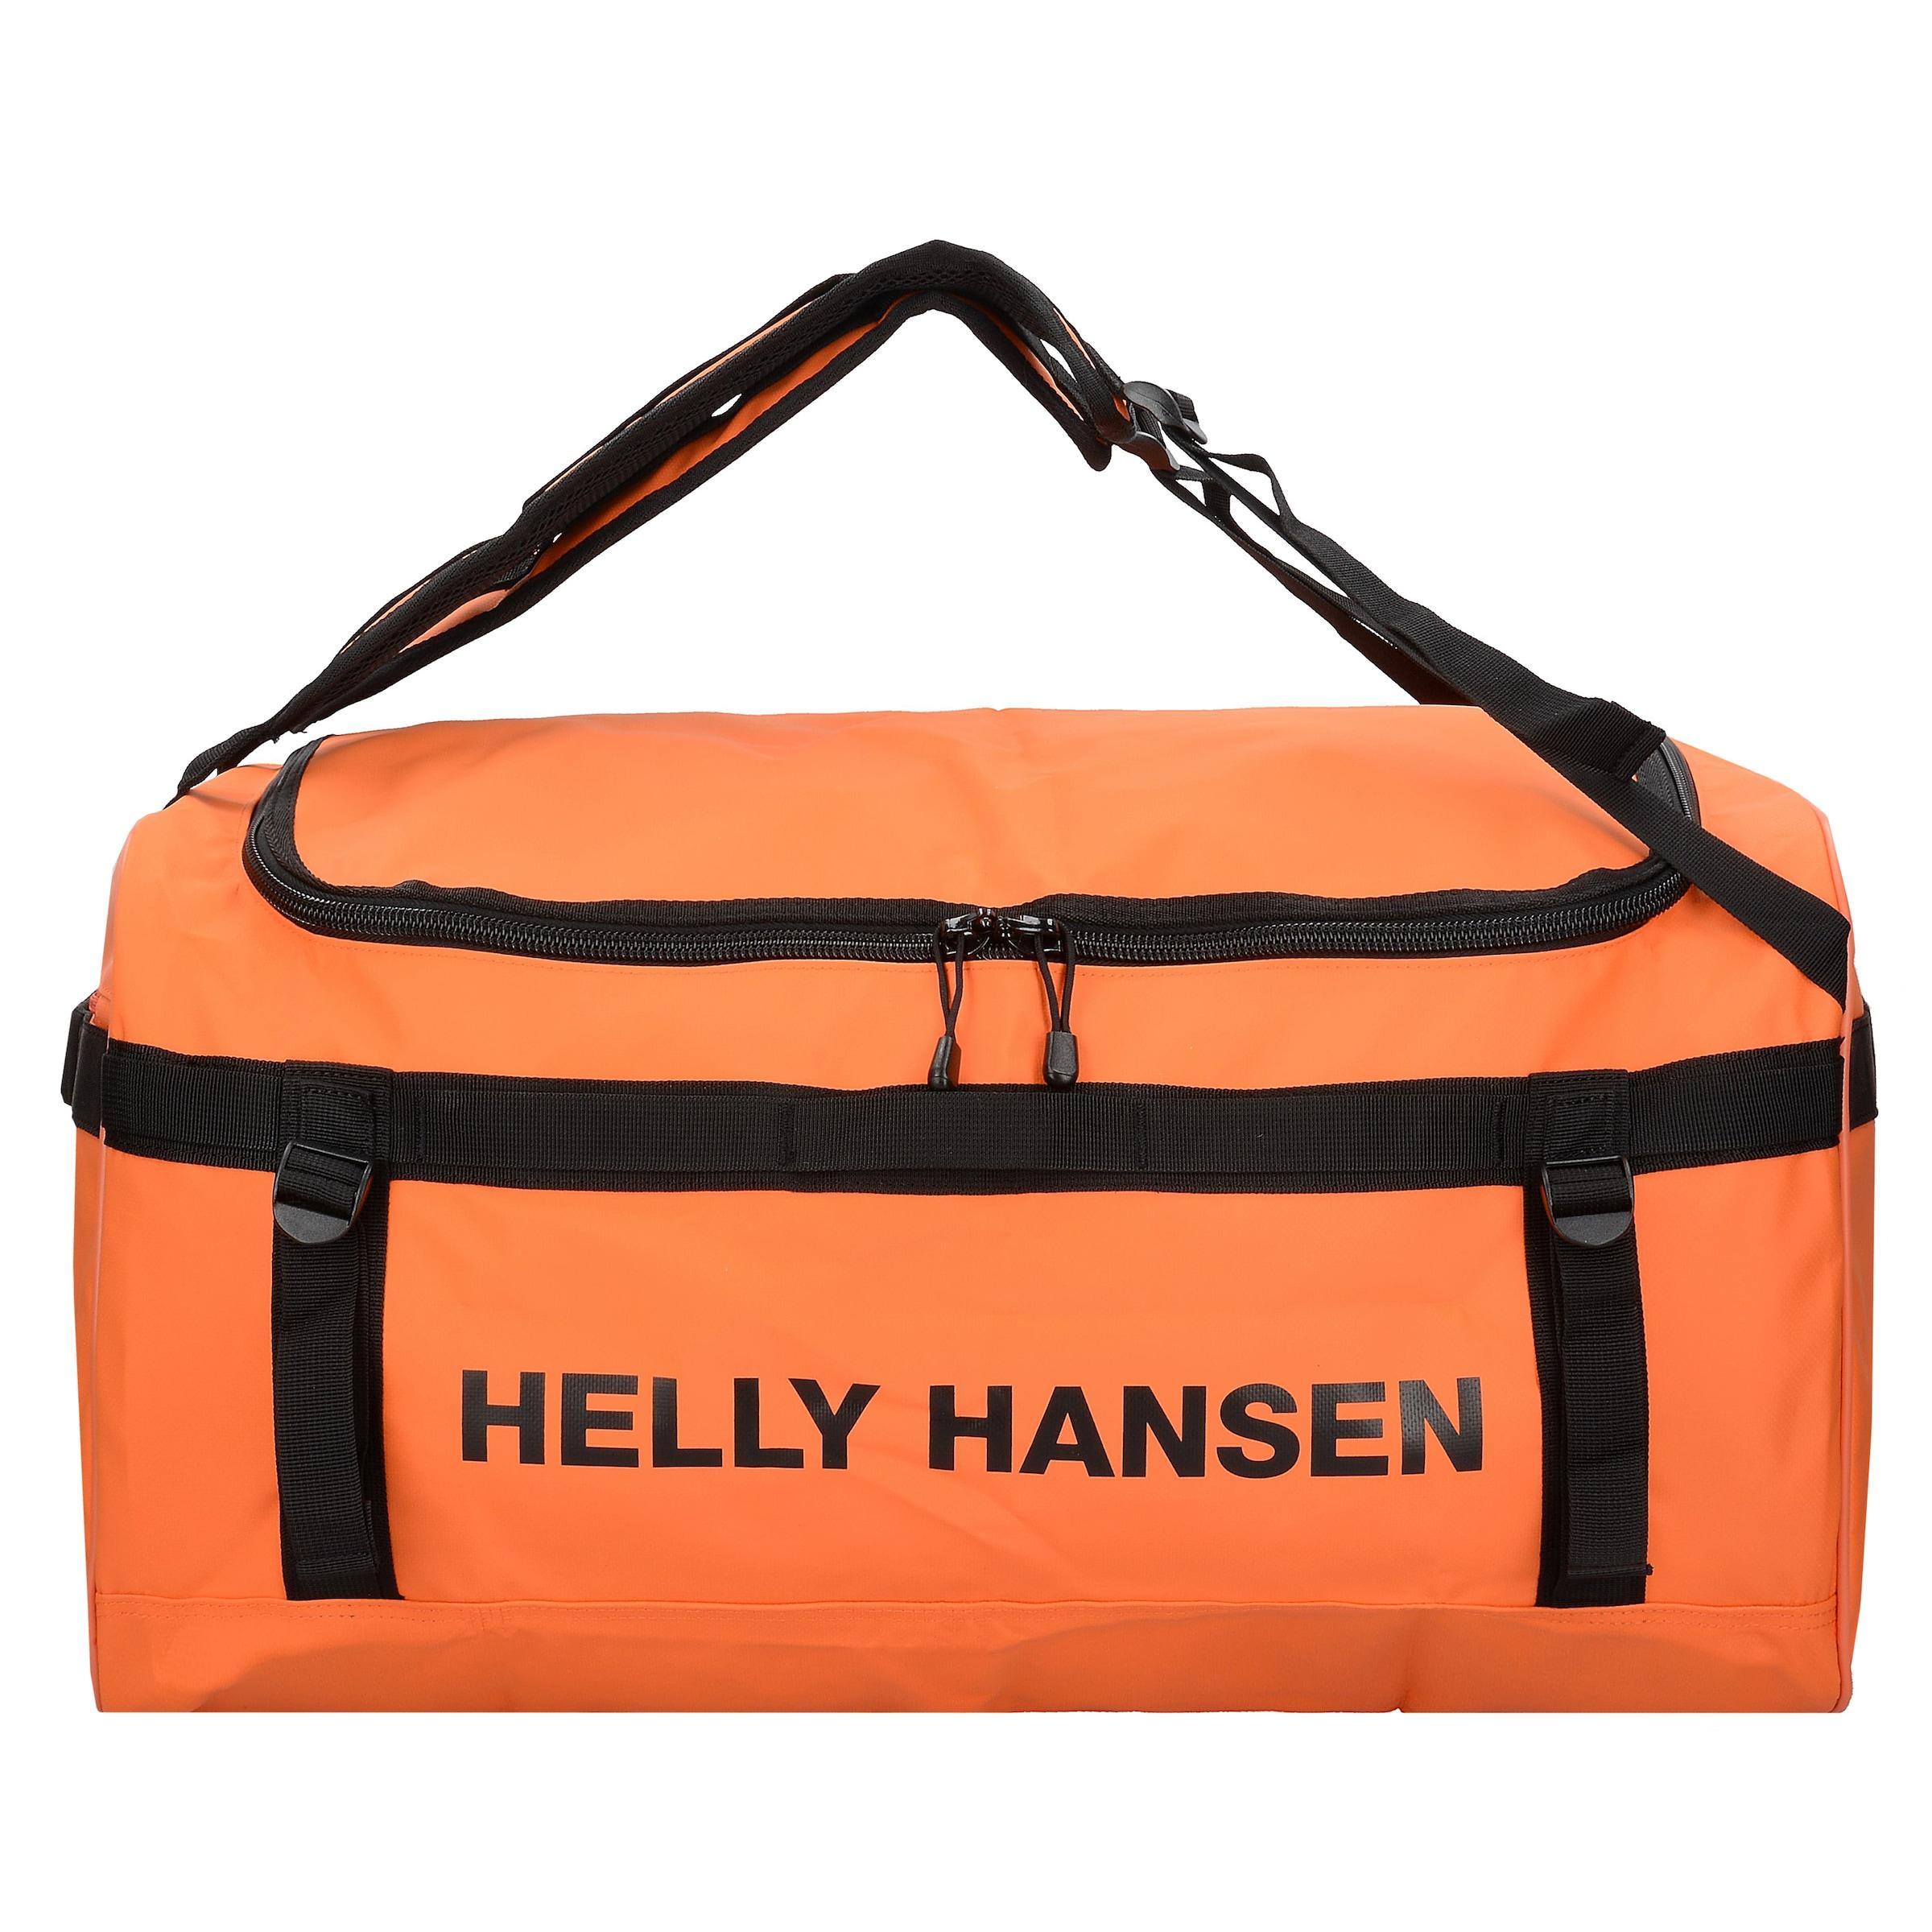 cm HANSEN Reisetasche 61 HELLY HELLY HANSEN Classic 7qwZc6TY